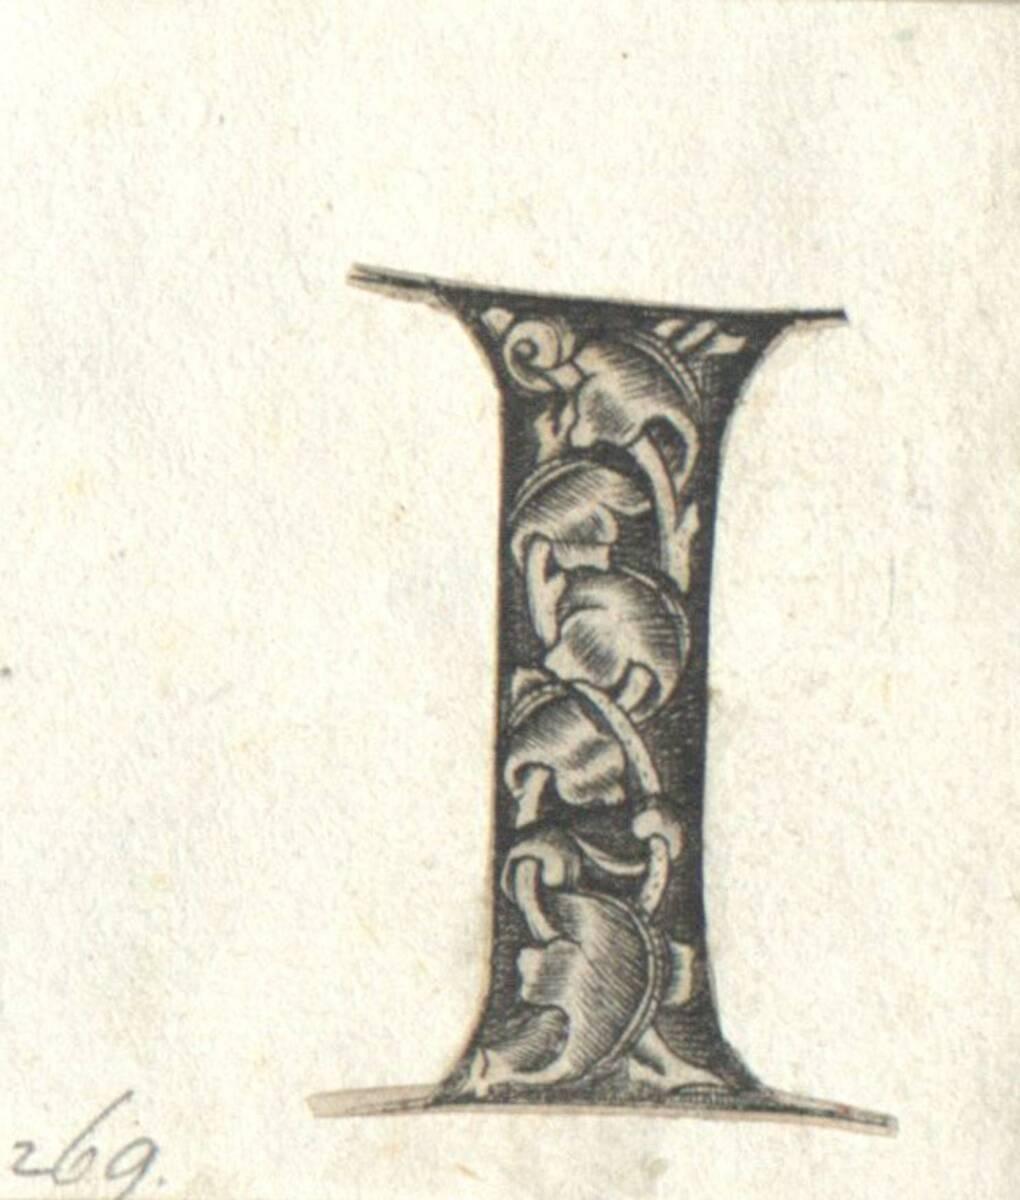 Der Buchstabe I eines gotischen Alphabetes in der Art des I. van Meckenem, c. 1480, ausgeschnitten (vom Bearbeiter vergebener Titel) von Anonym